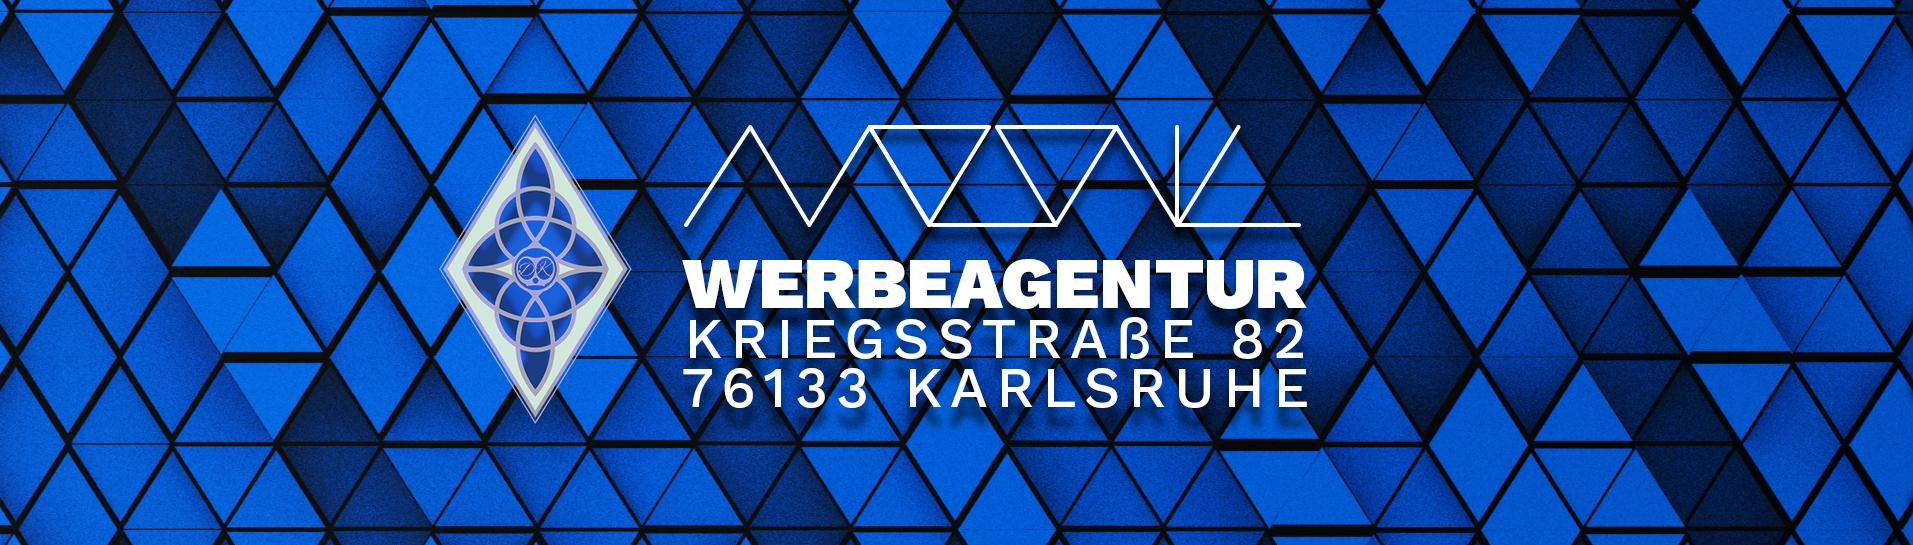 Werbeagentur Karlsruhe Mosaik